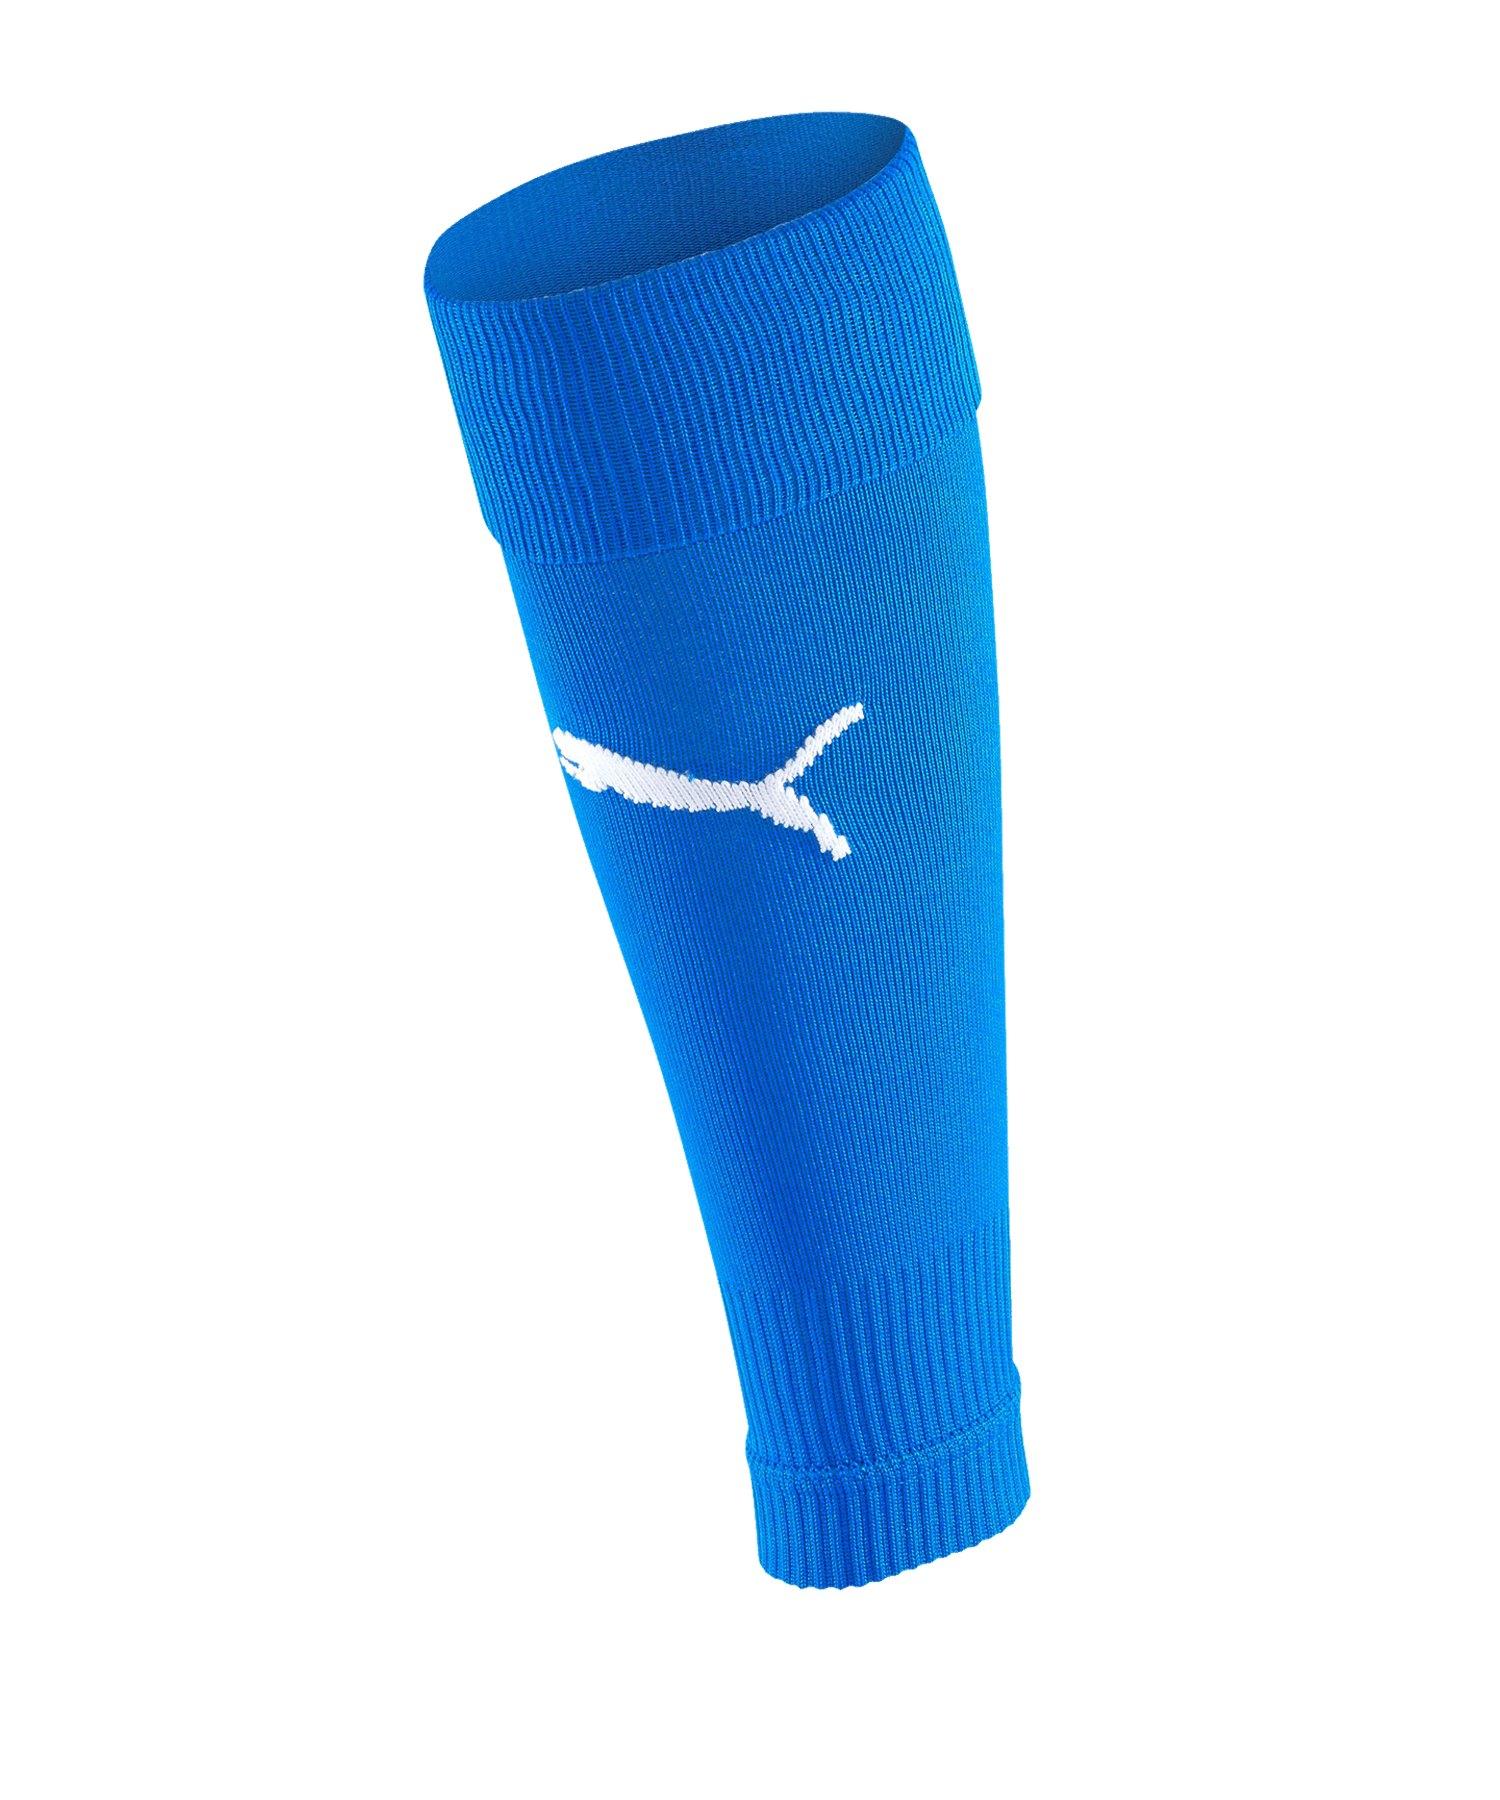 PUMA teamGOAL 23 Sleeve Socks Blau F02 - blau